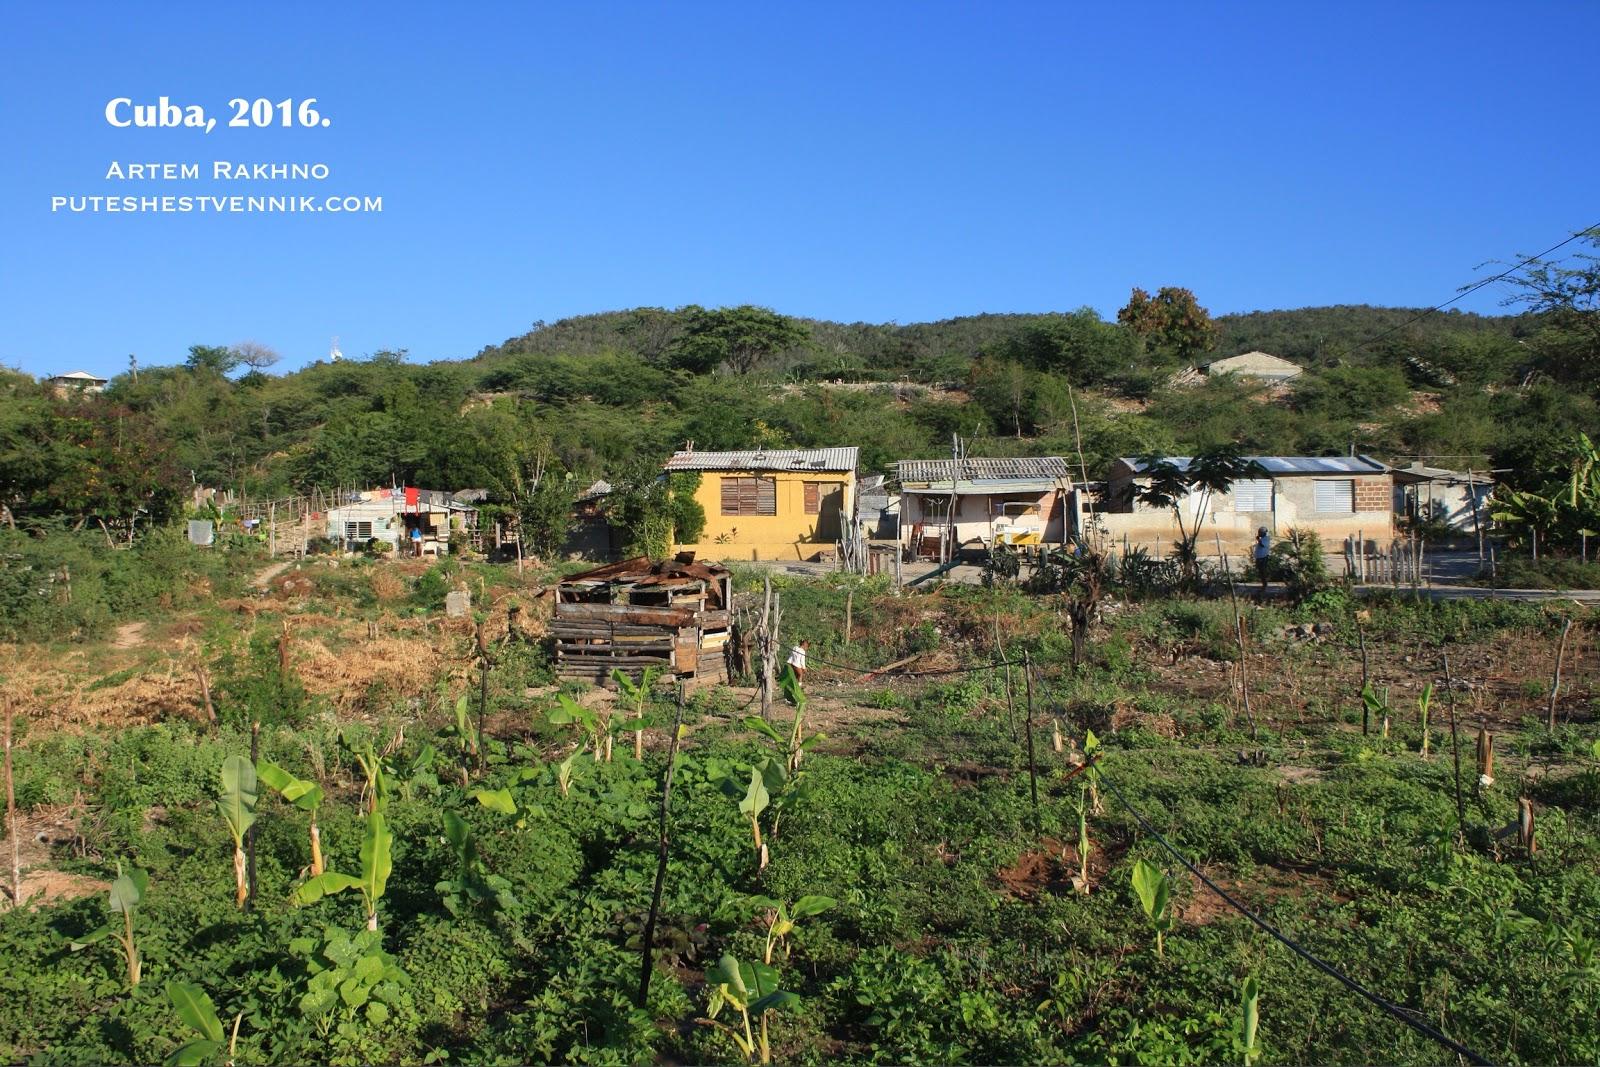 Огород в кубинской деревне